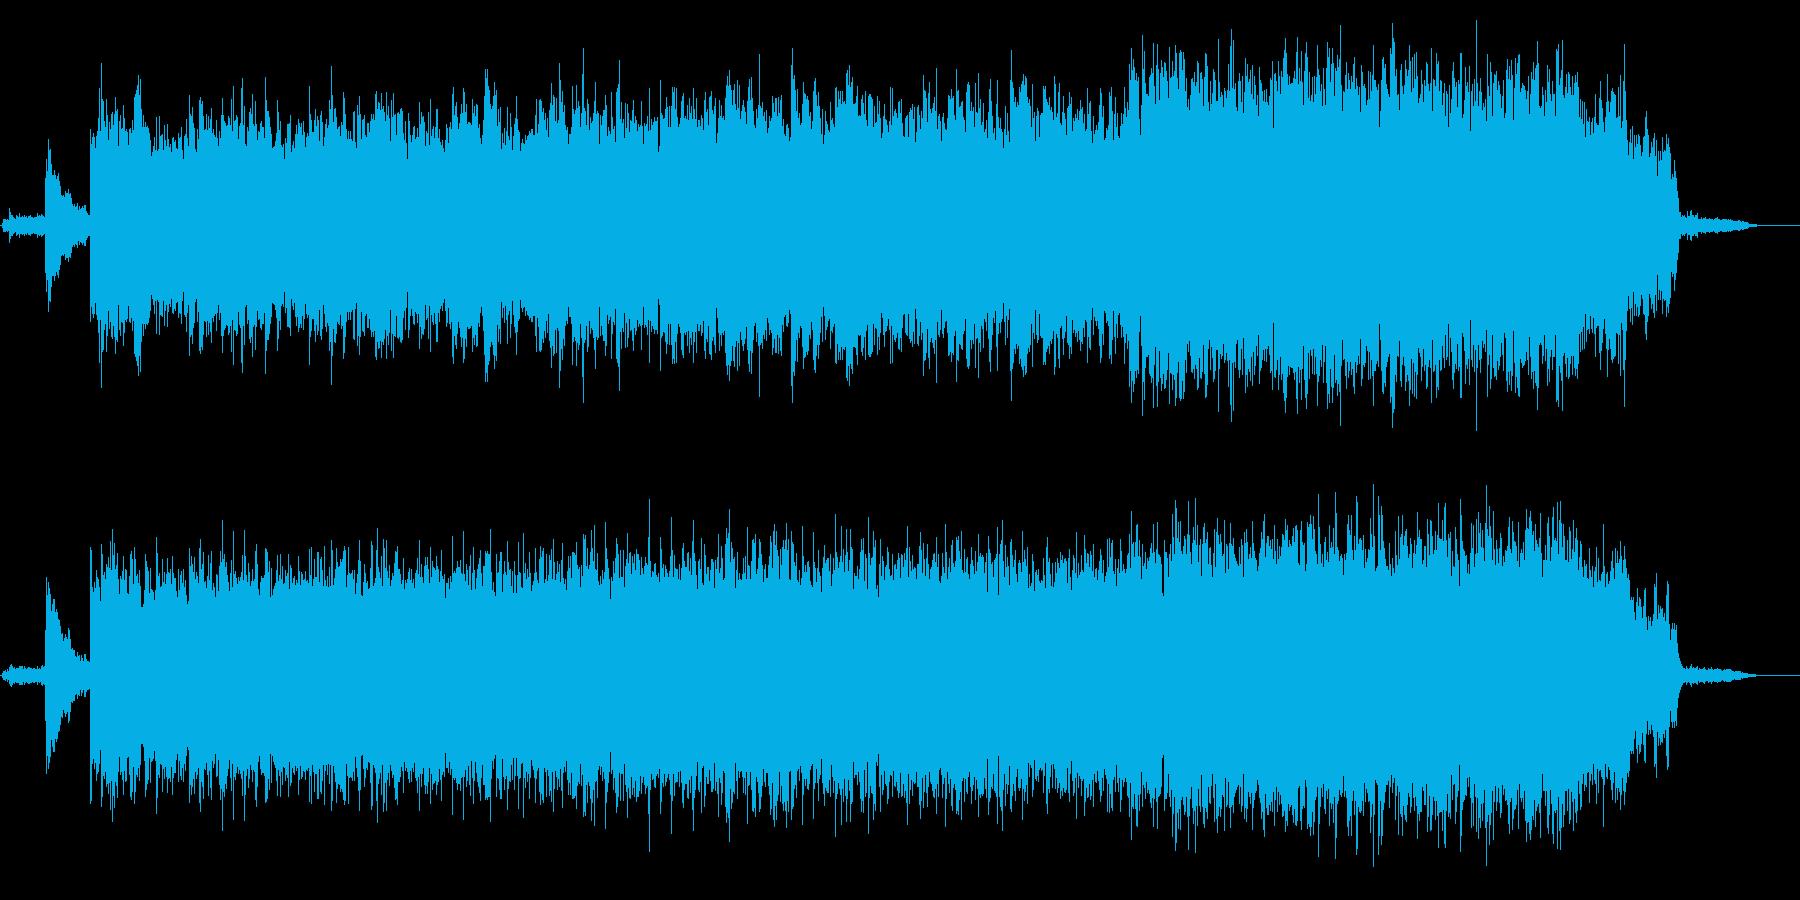 民俗楽器を使って幻想的にした大河の流れの再生済みの波形